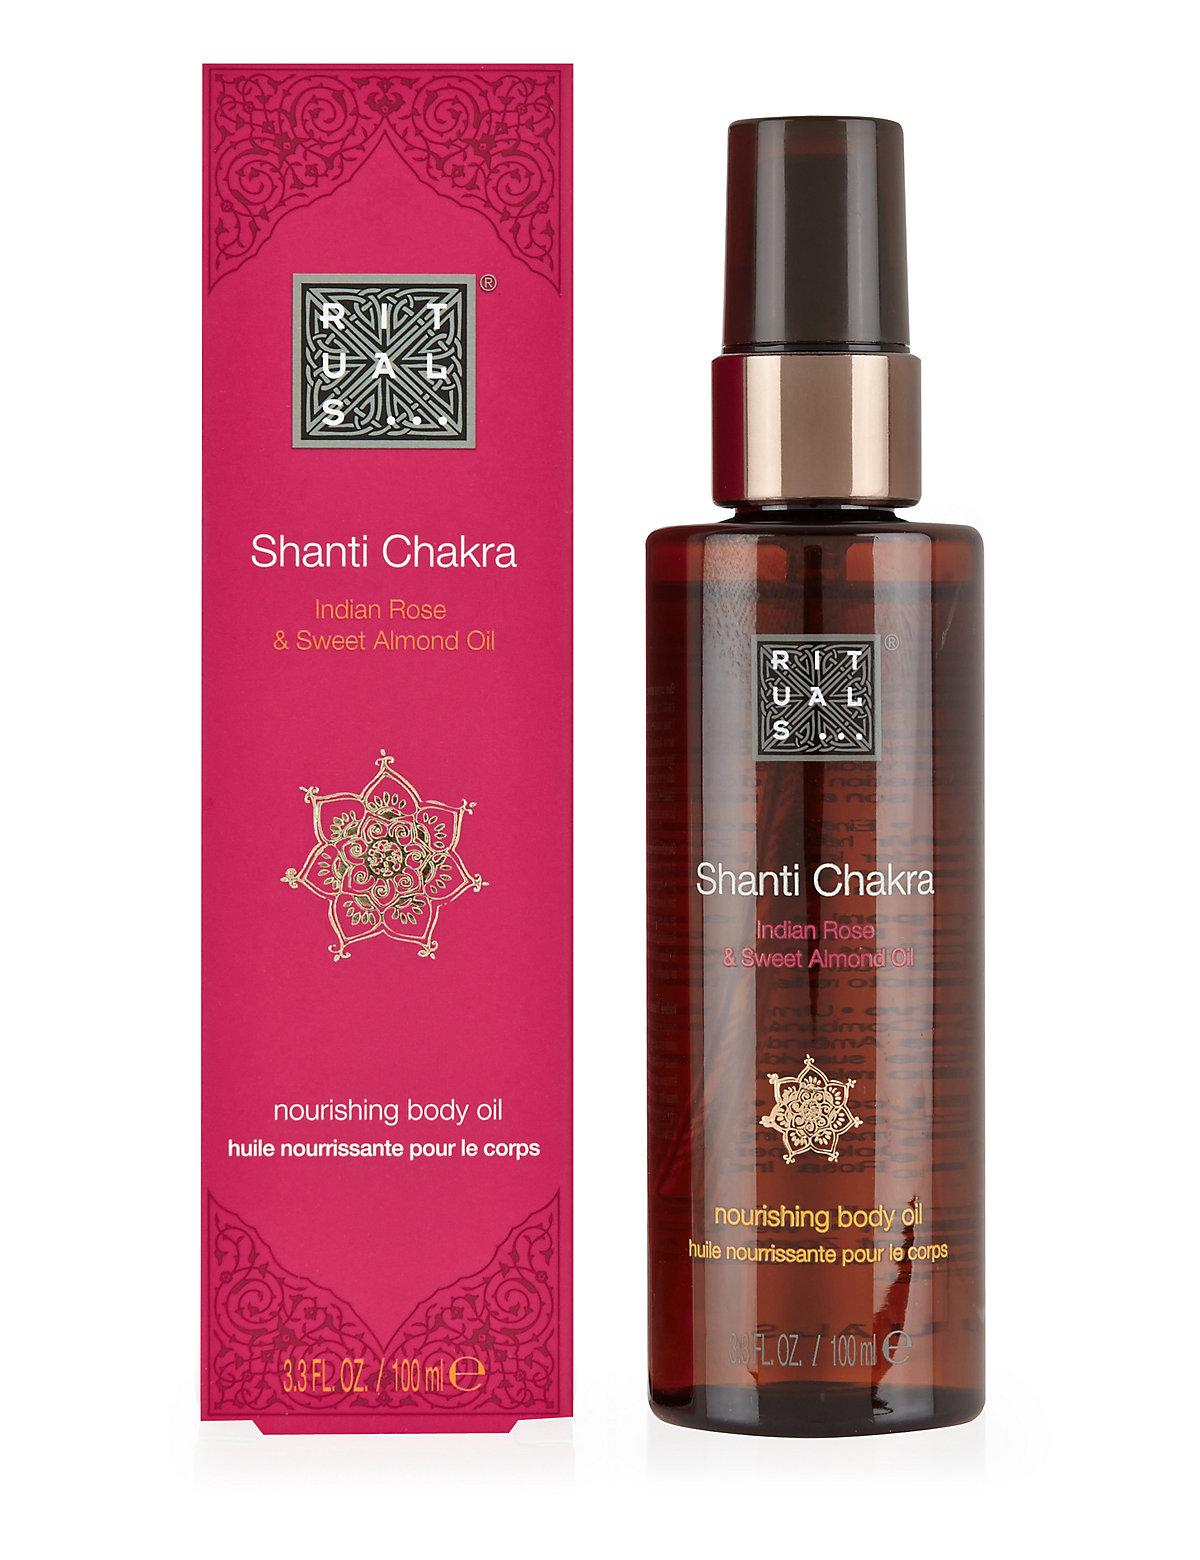 Shanti Chakra Body Oil 100ml